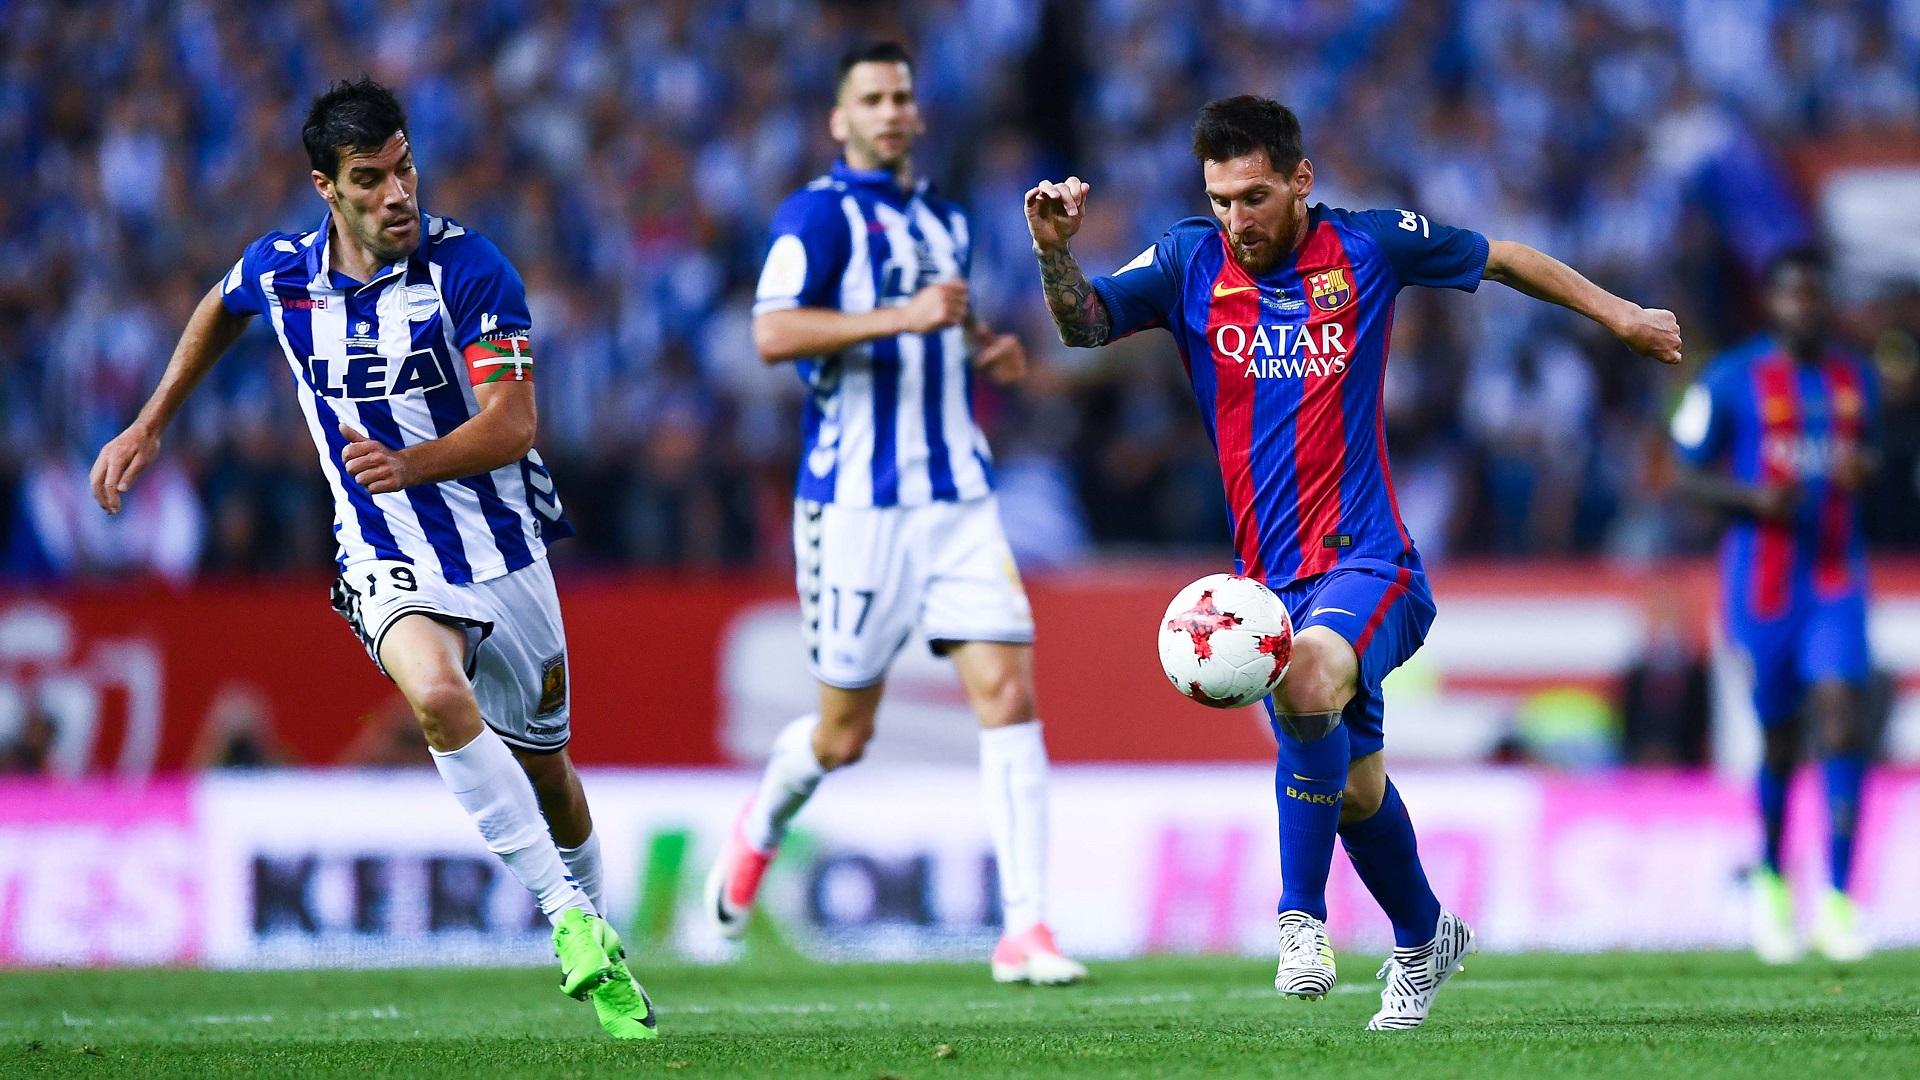 Примера. Прогноз на матч Барселона — Депортиво